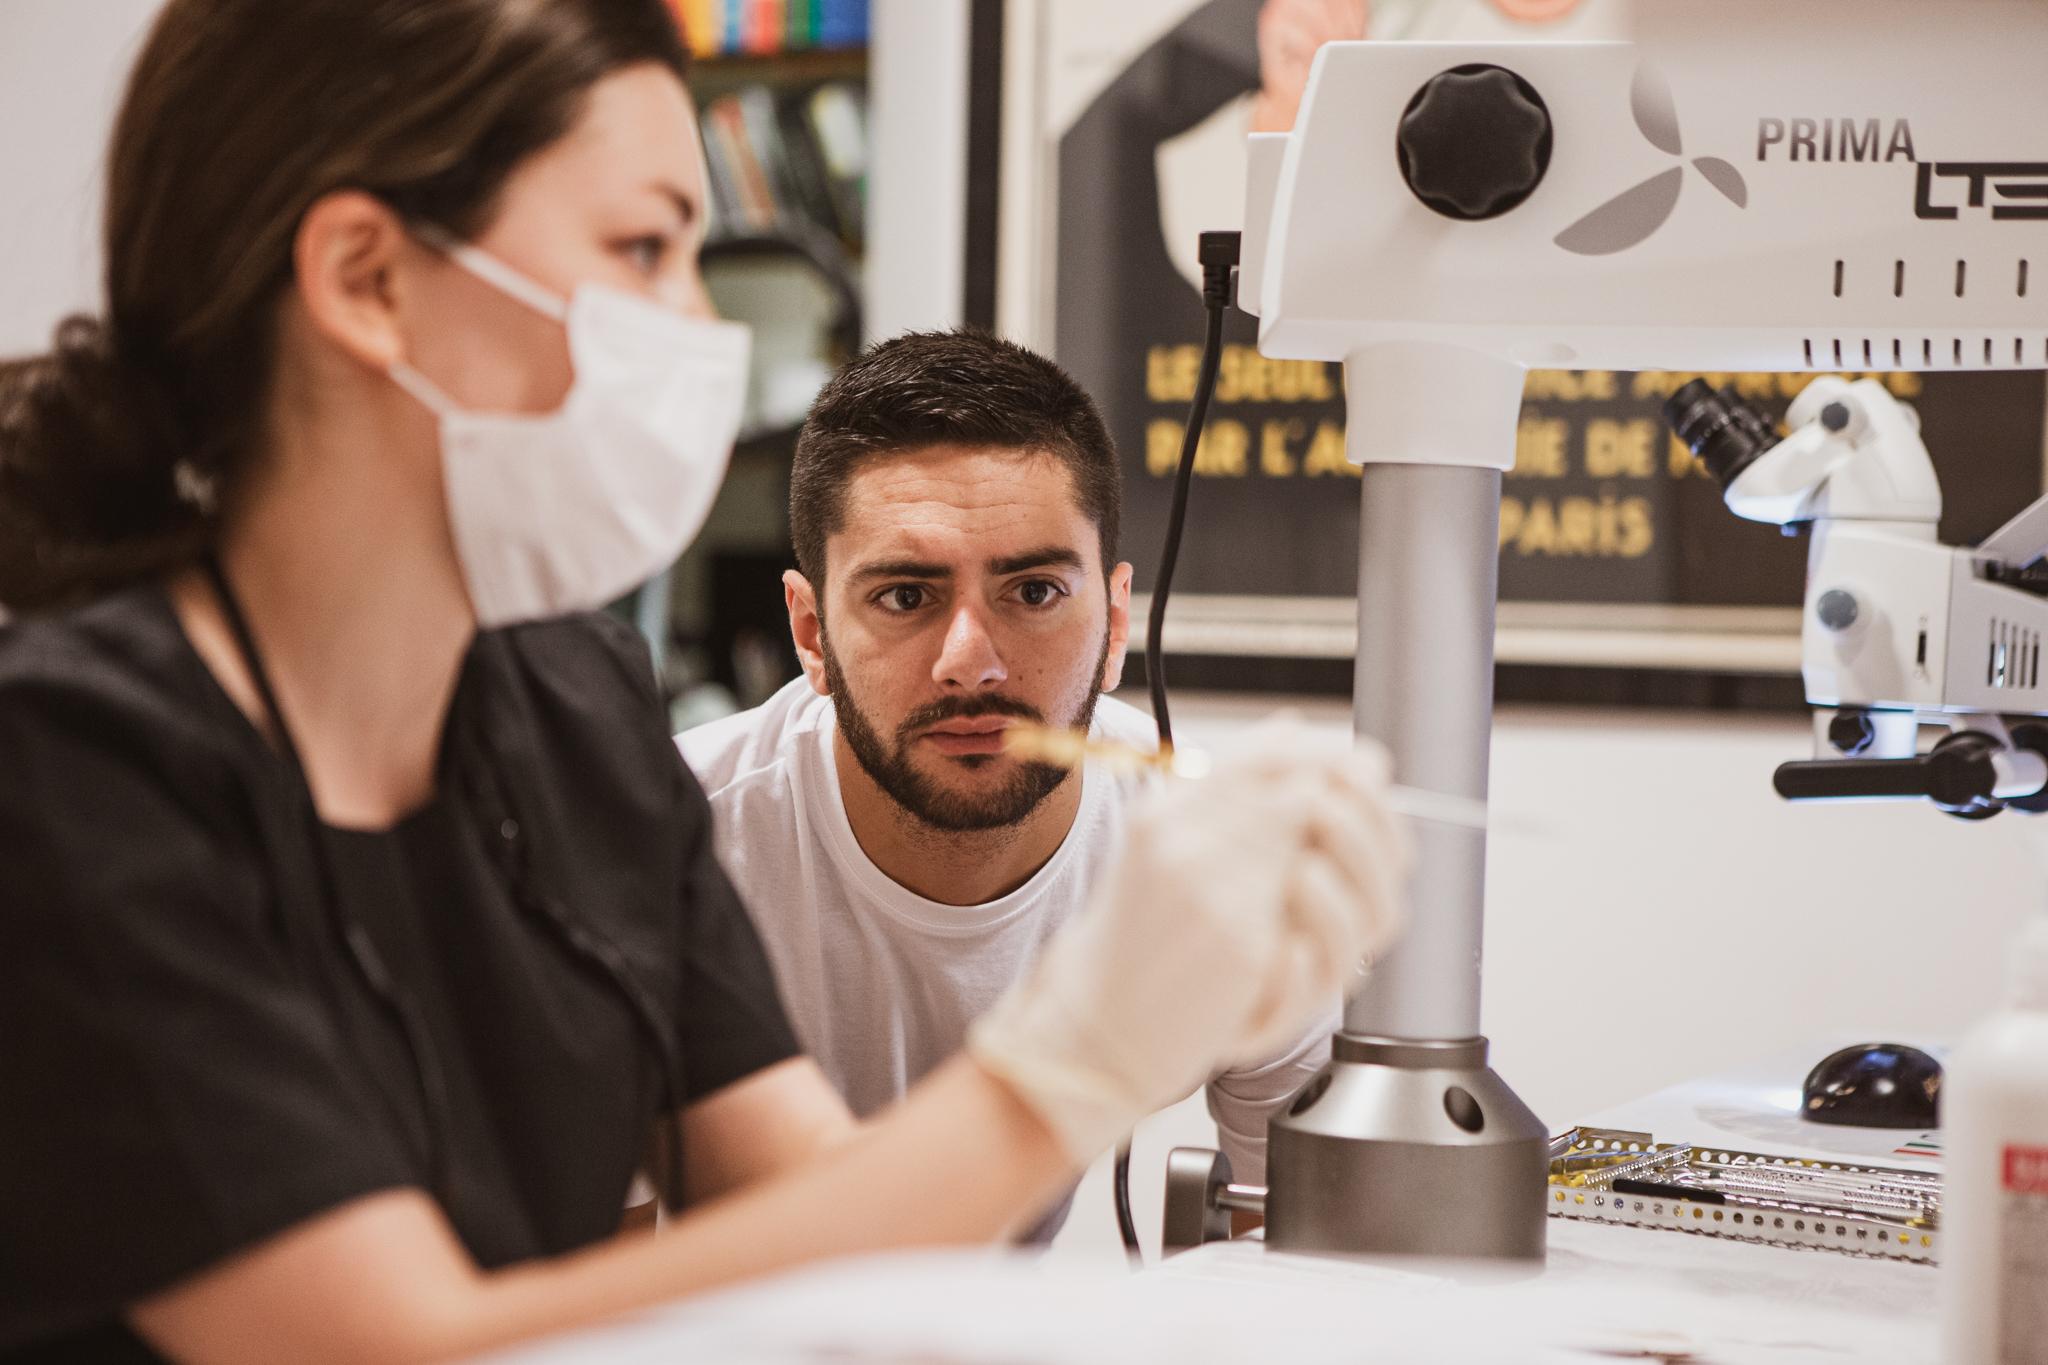 emilia kazarian courses perio periodontal periodontology microsurgery dental course education